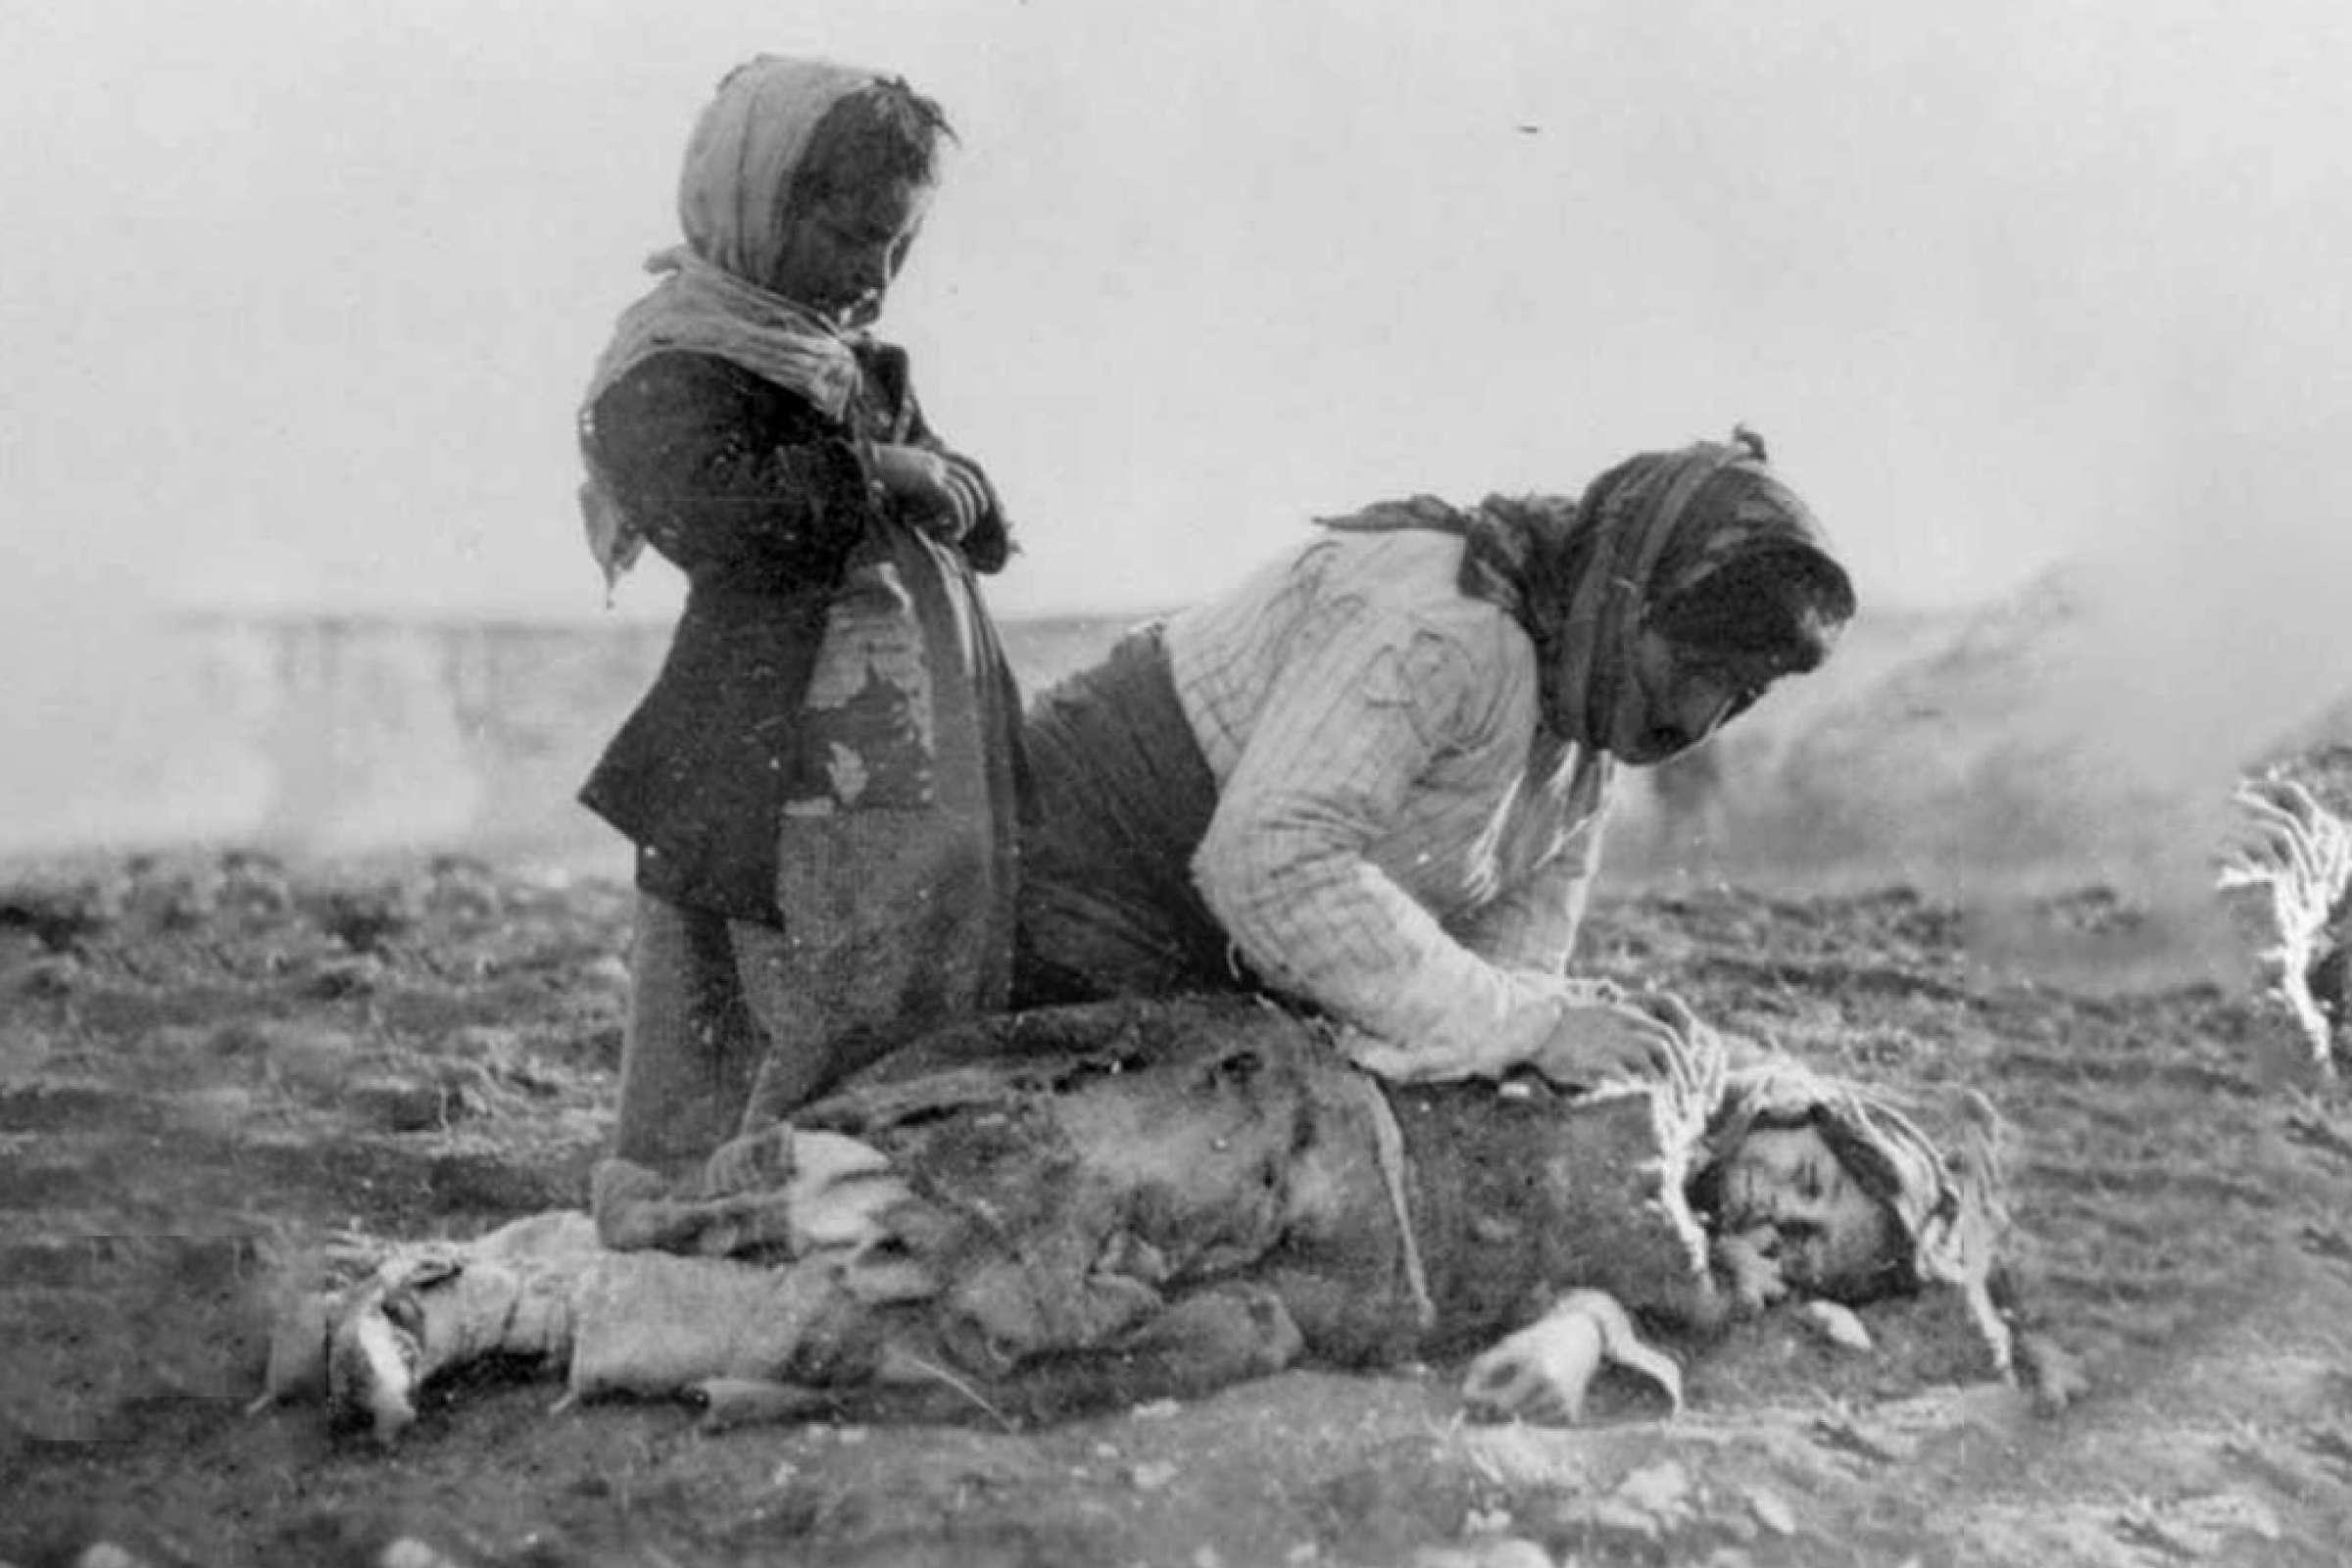 محاضرة عن الأزمة الاقتصادية والمجاعة الكبرى في إيران 1917 ـ 1919